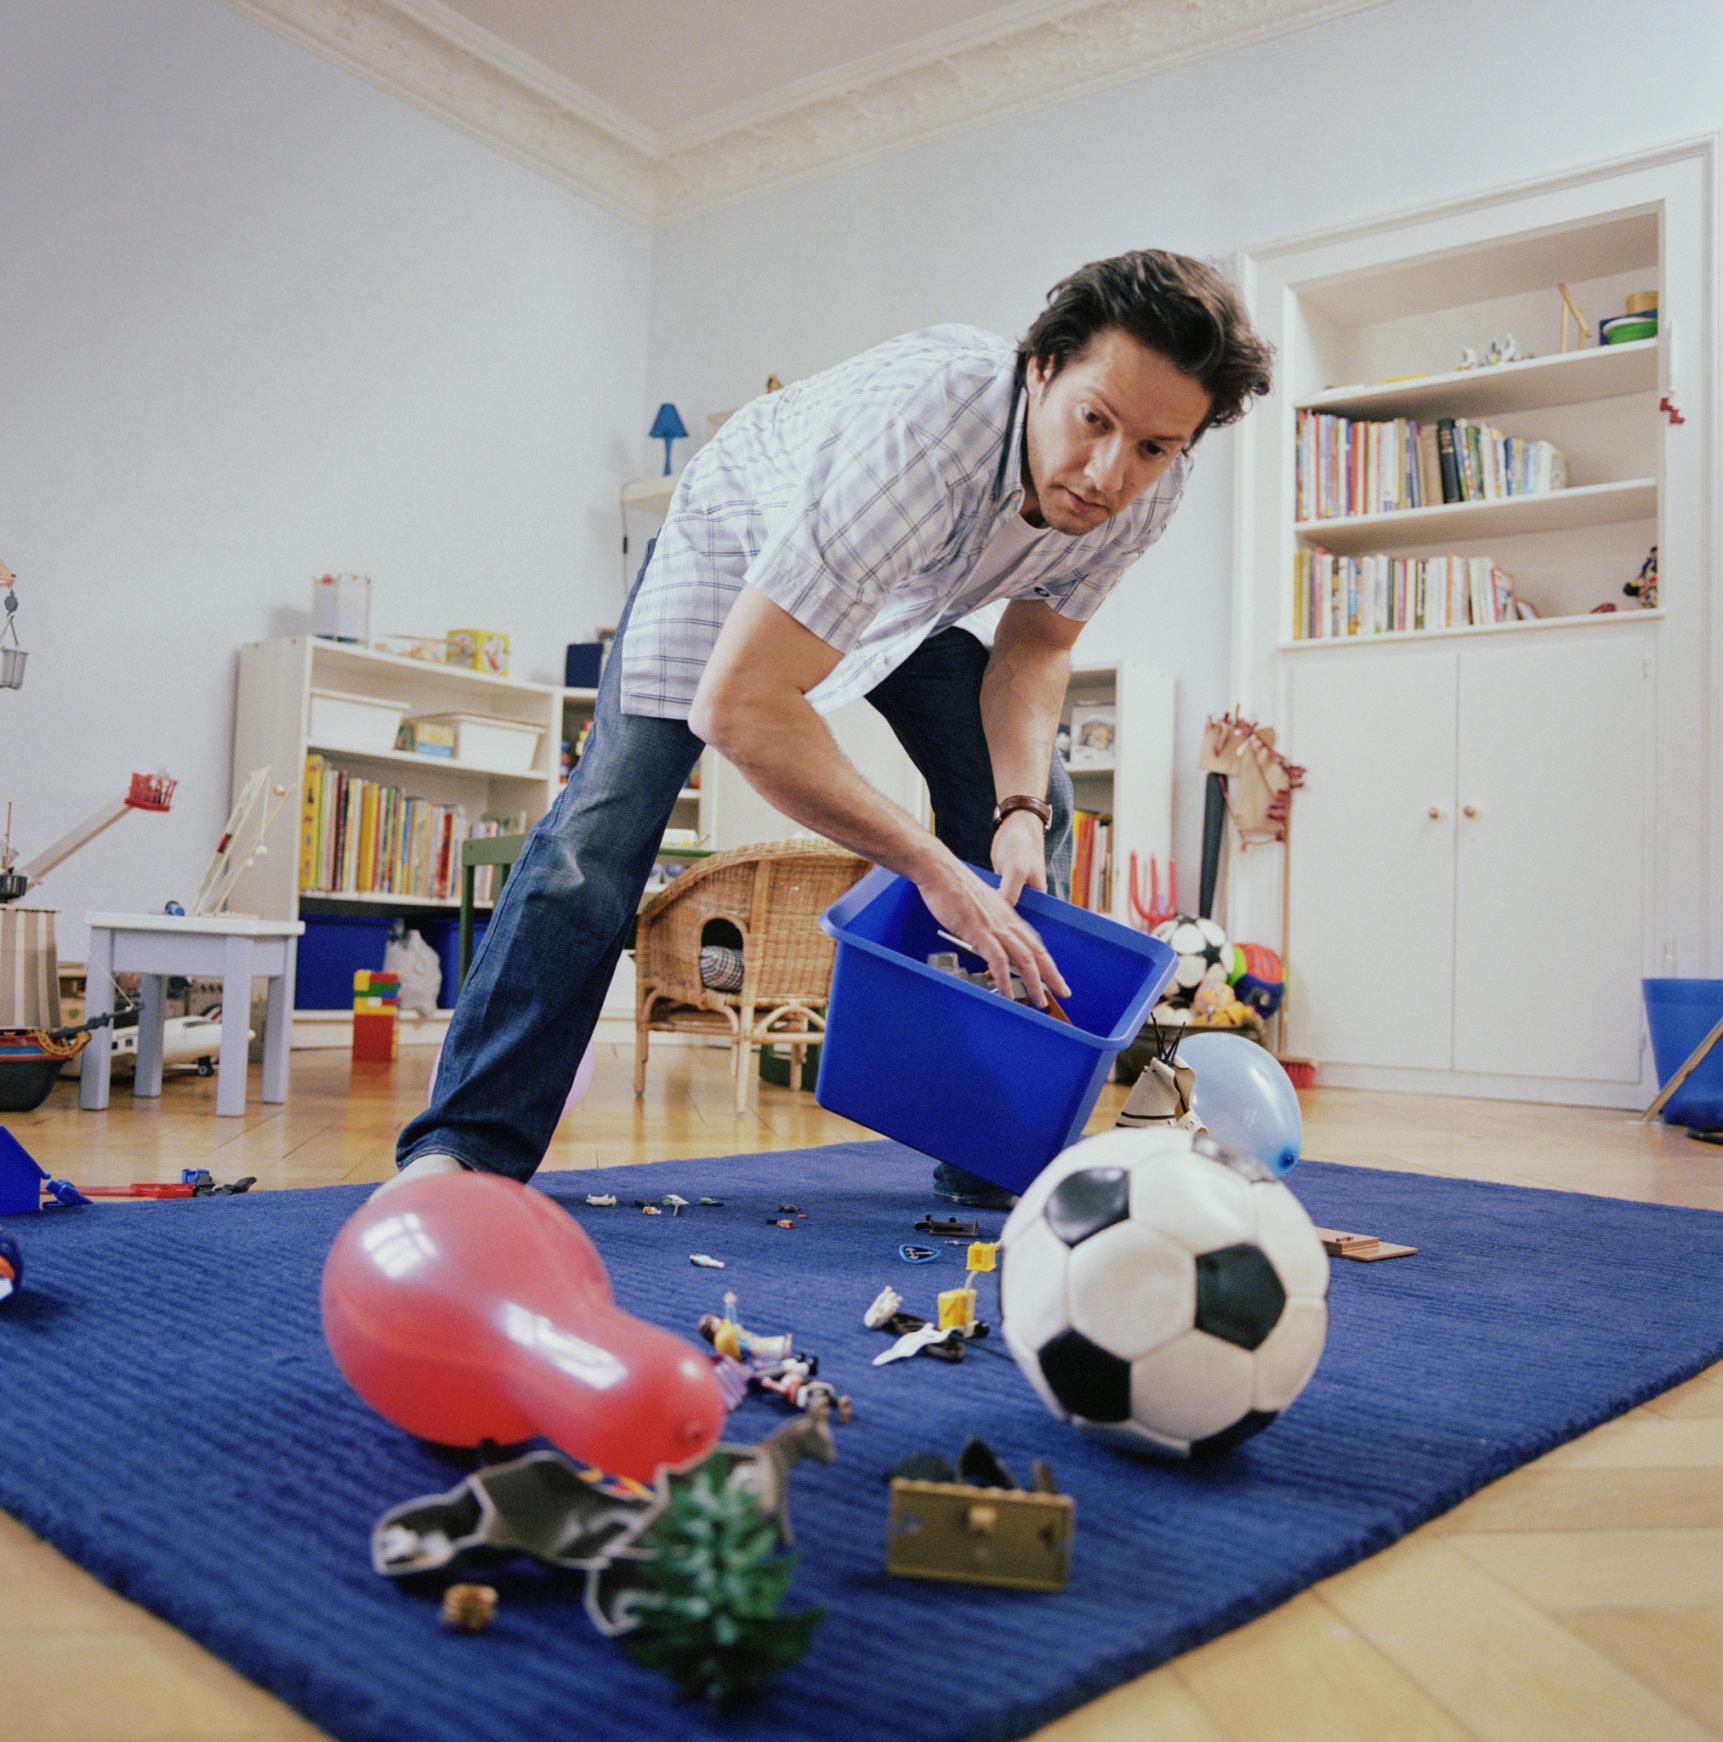 Man in children's bedroom,  placing toys on floor in box